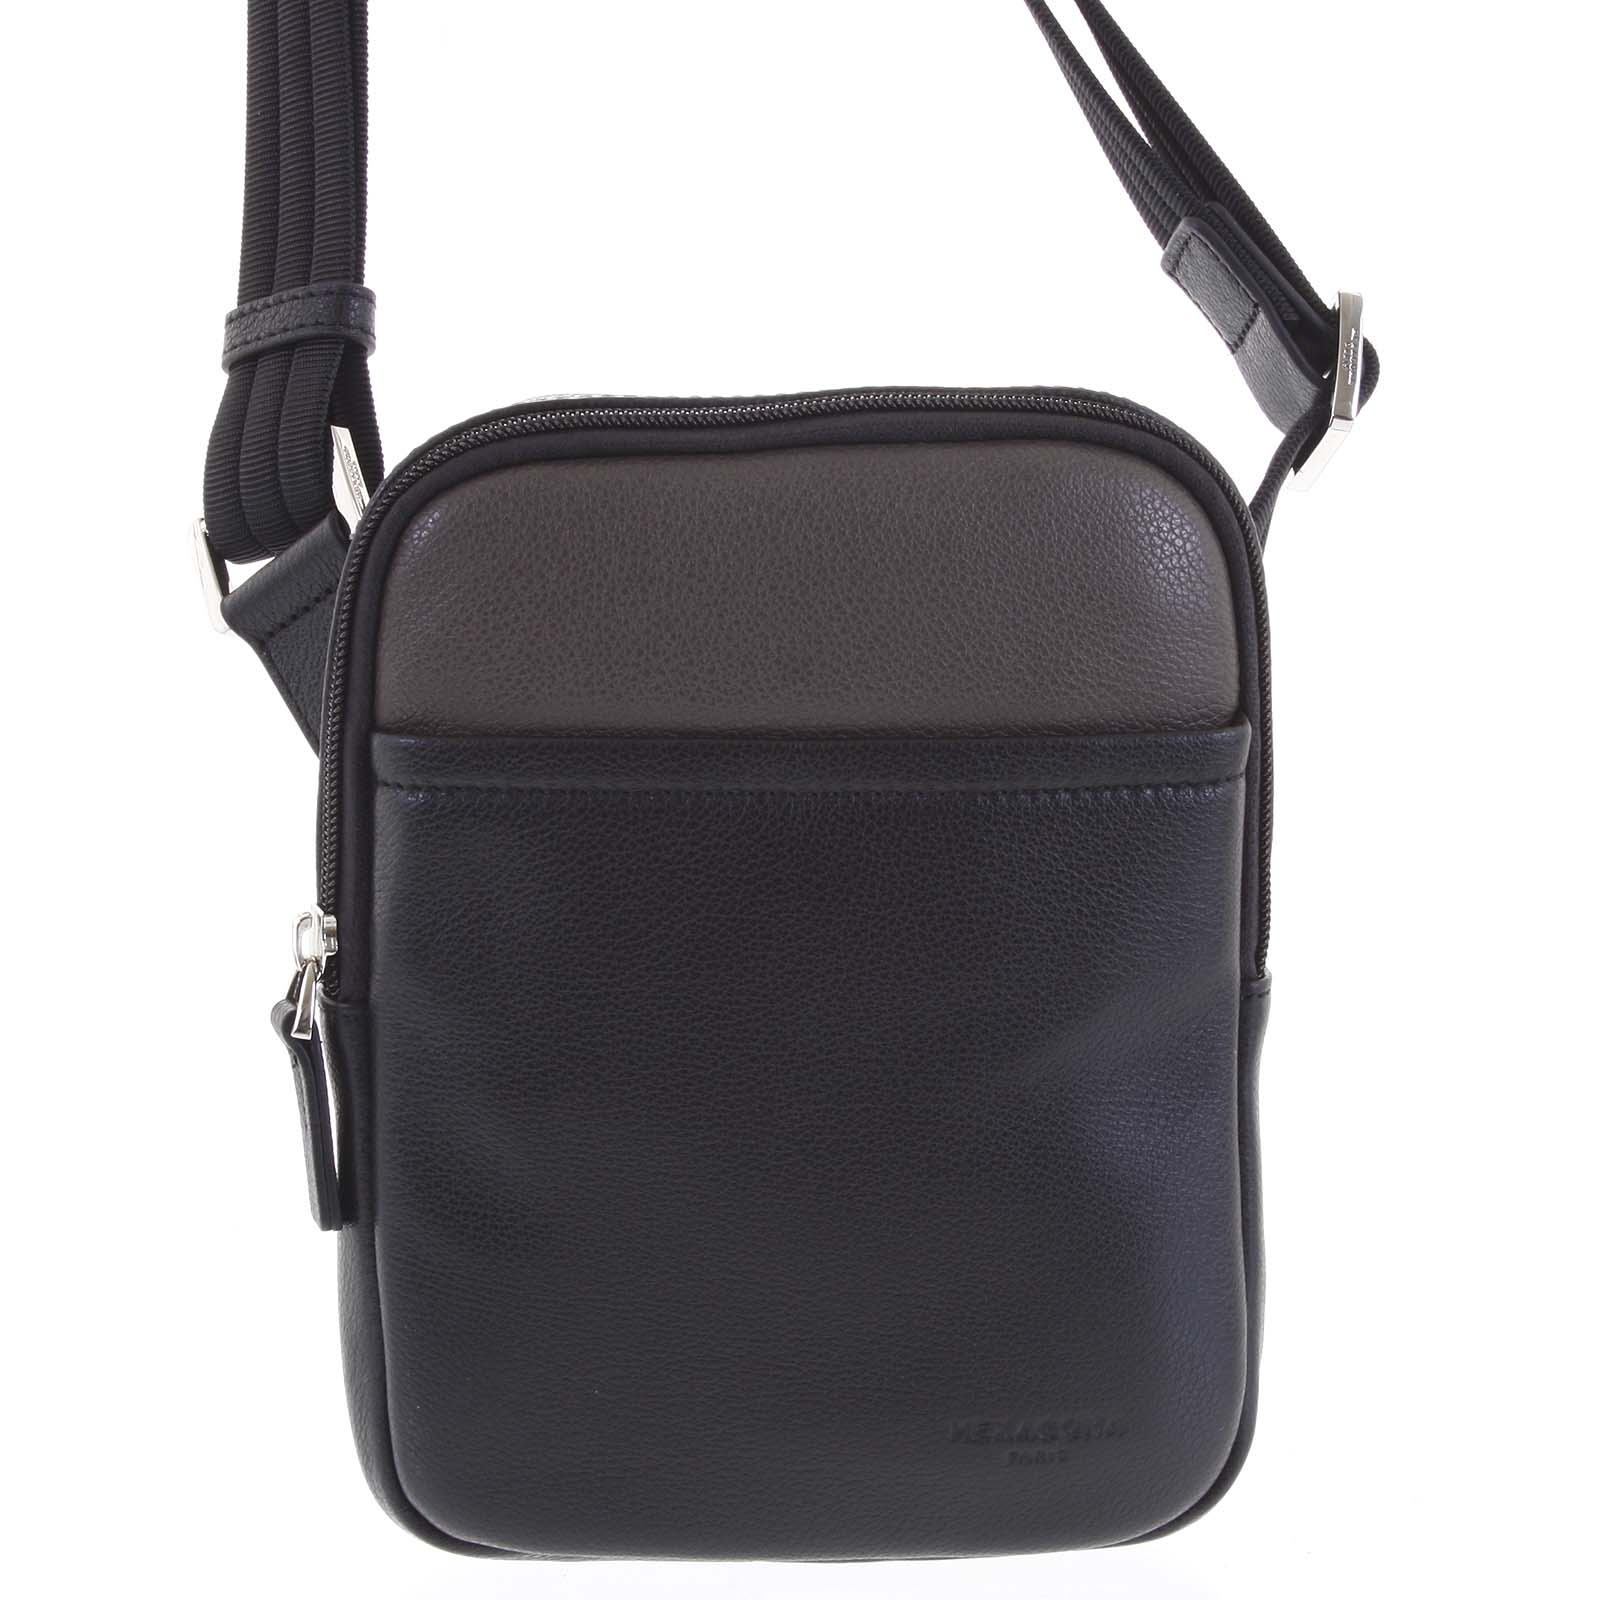 Pánská kožená taška na doklady černá taupe - Hexagona Tuesday